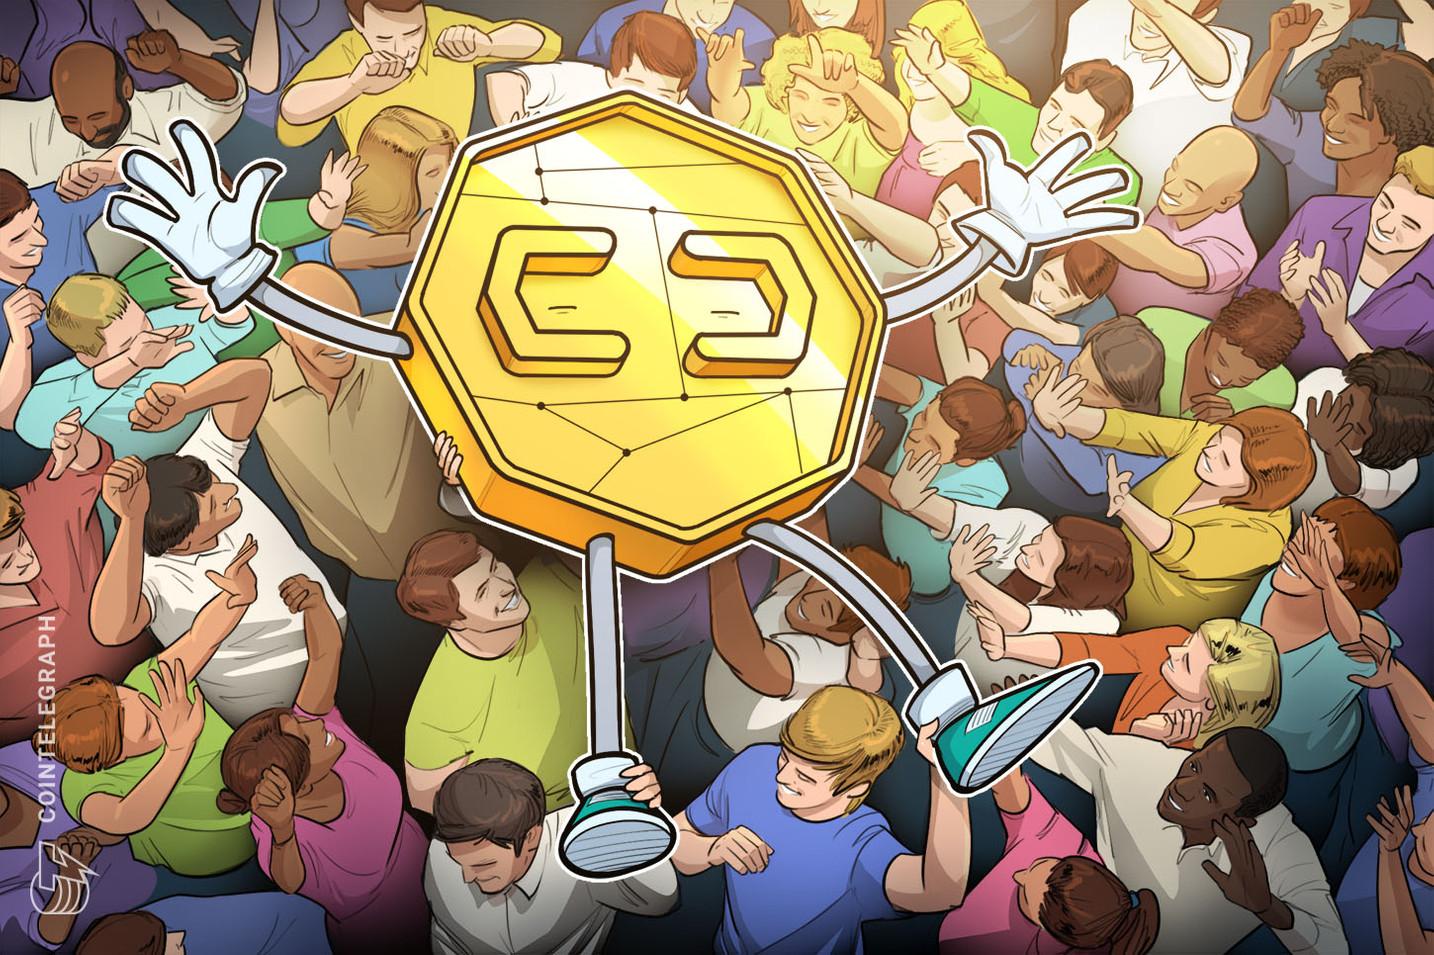 5 criptomoedas sobem até 344% e roubam a cena no mercado enquanto Bitcoin (BTC) cresce 21%